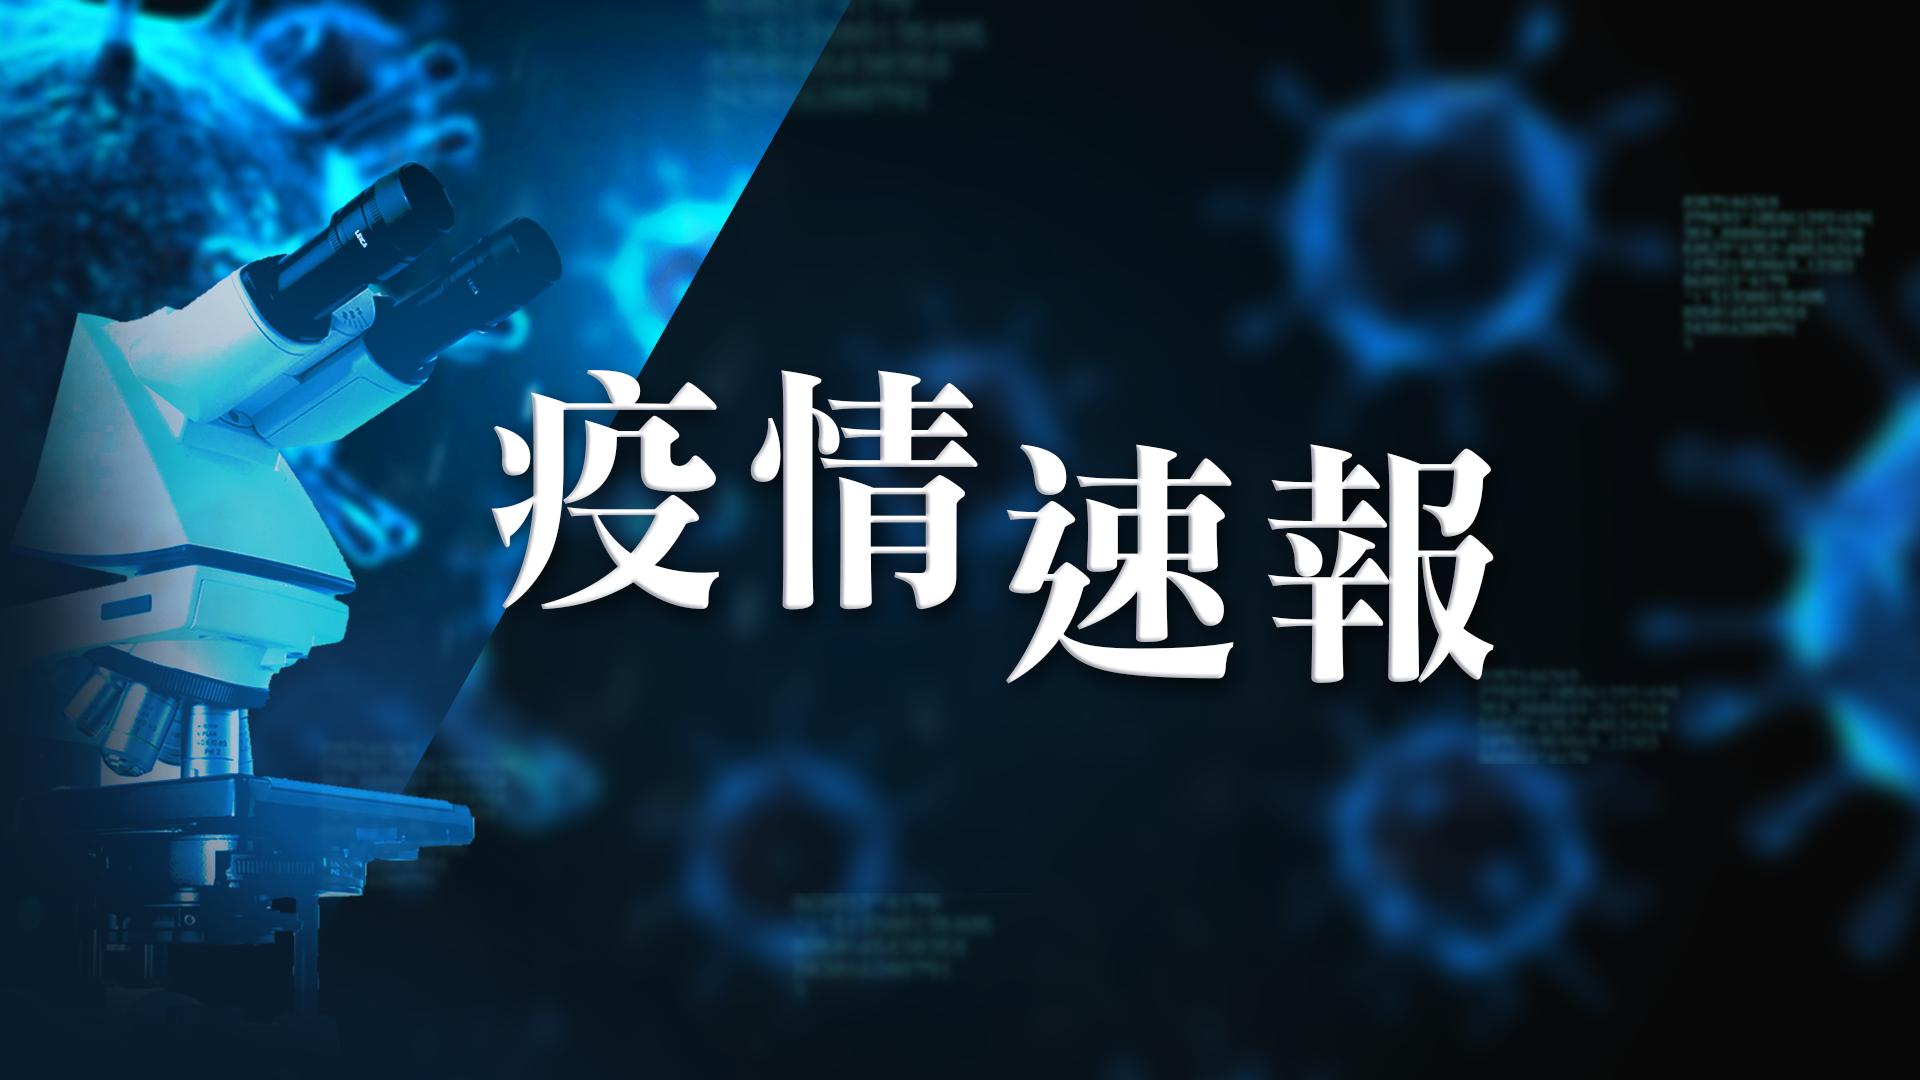 【1月31日疫情速報】(23:30)